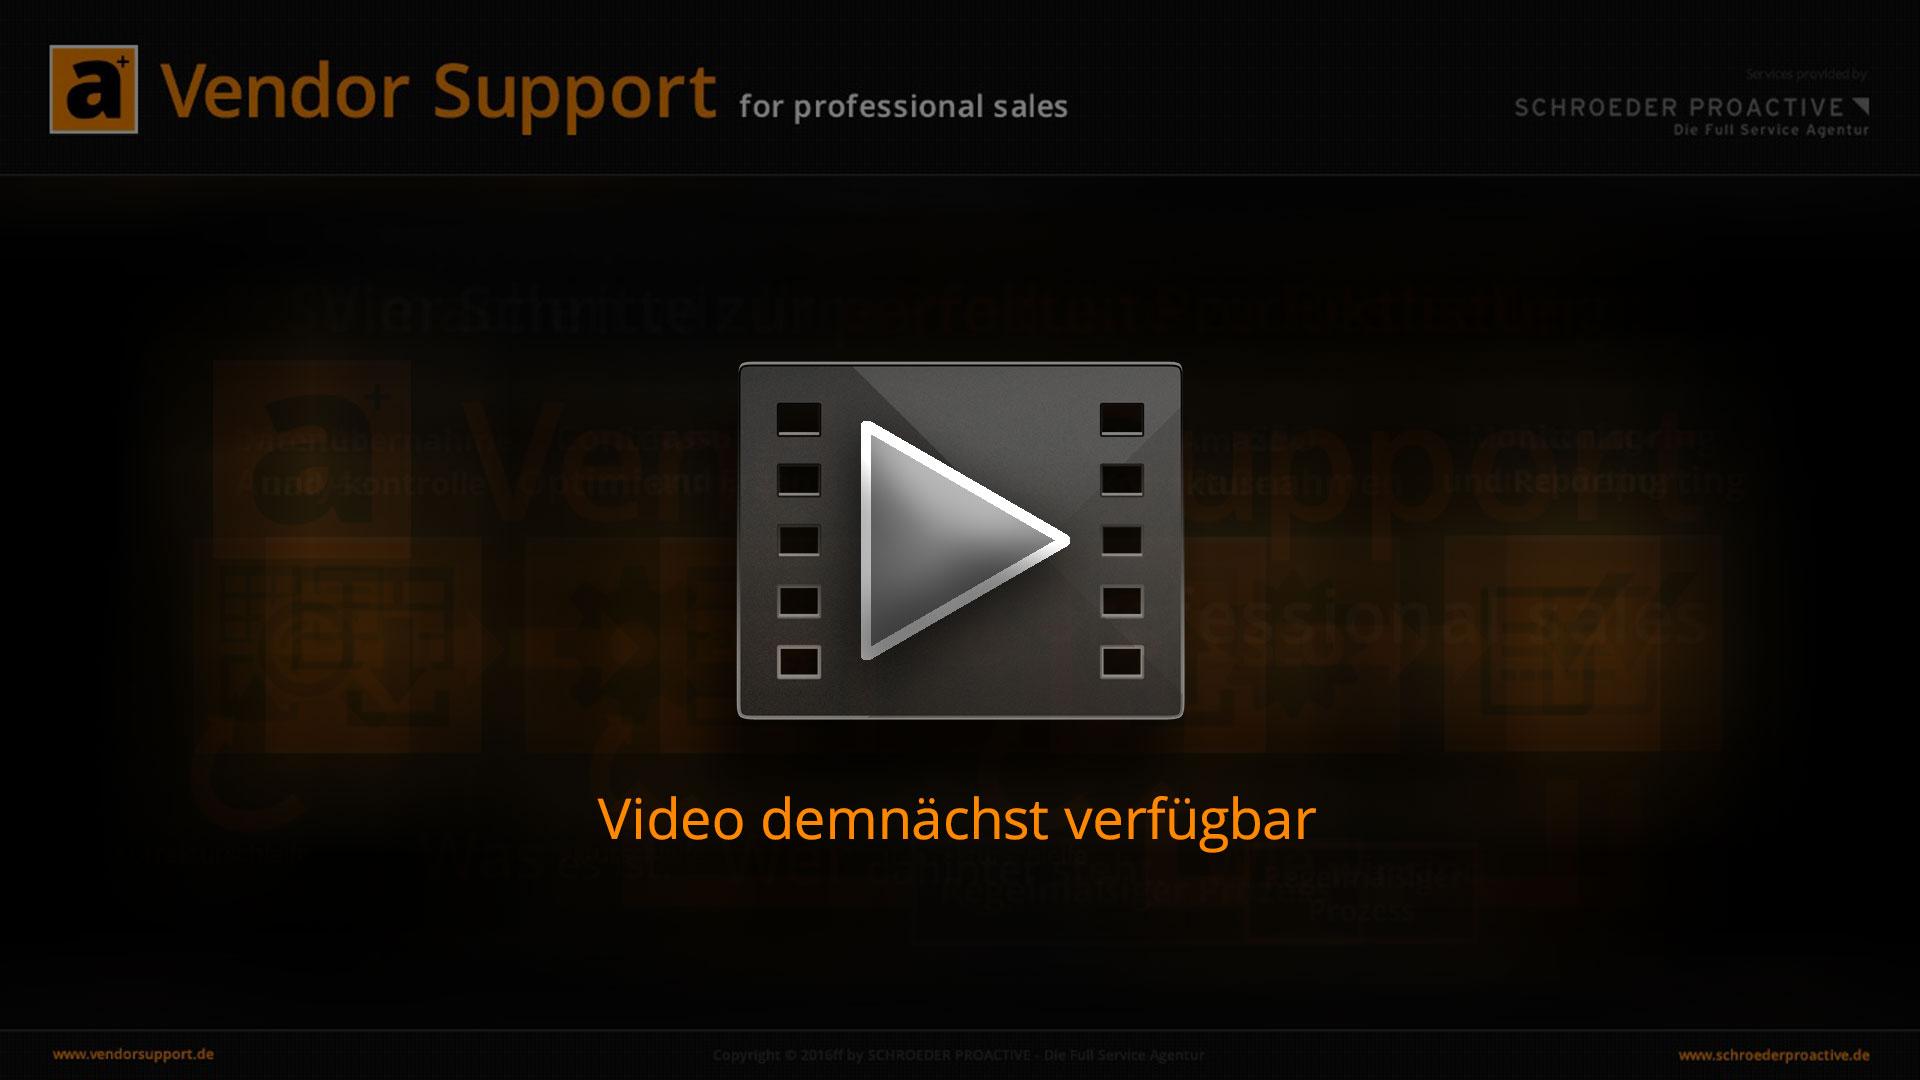 Video demnächst verfügbar